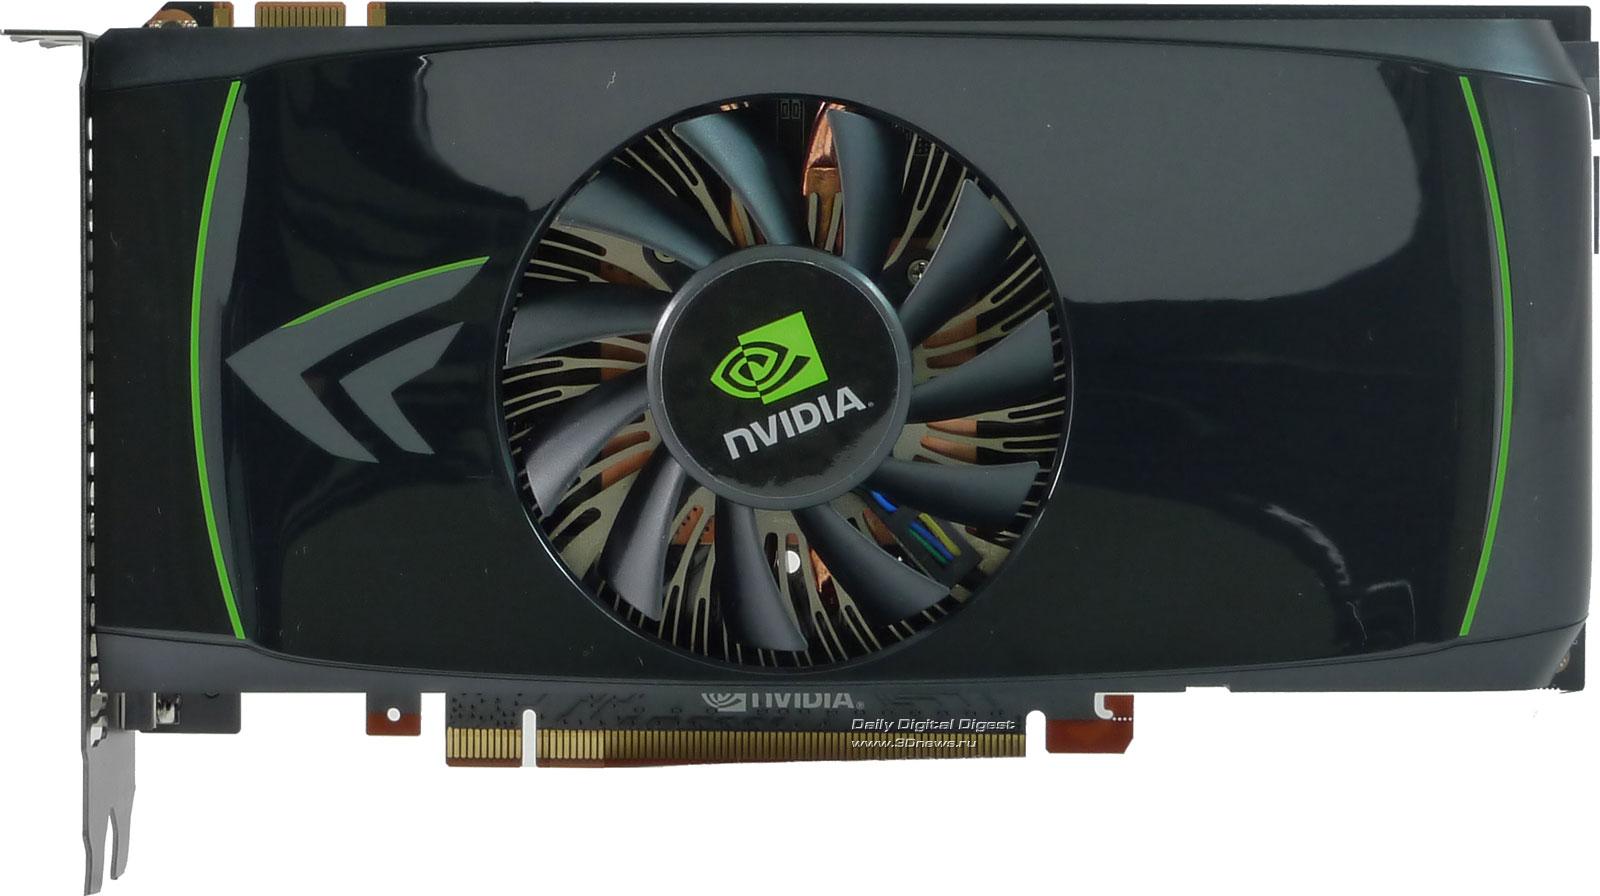 NVIDIA GeForce GTX 460 - Fermi становится доступнее / Видеокарты ...